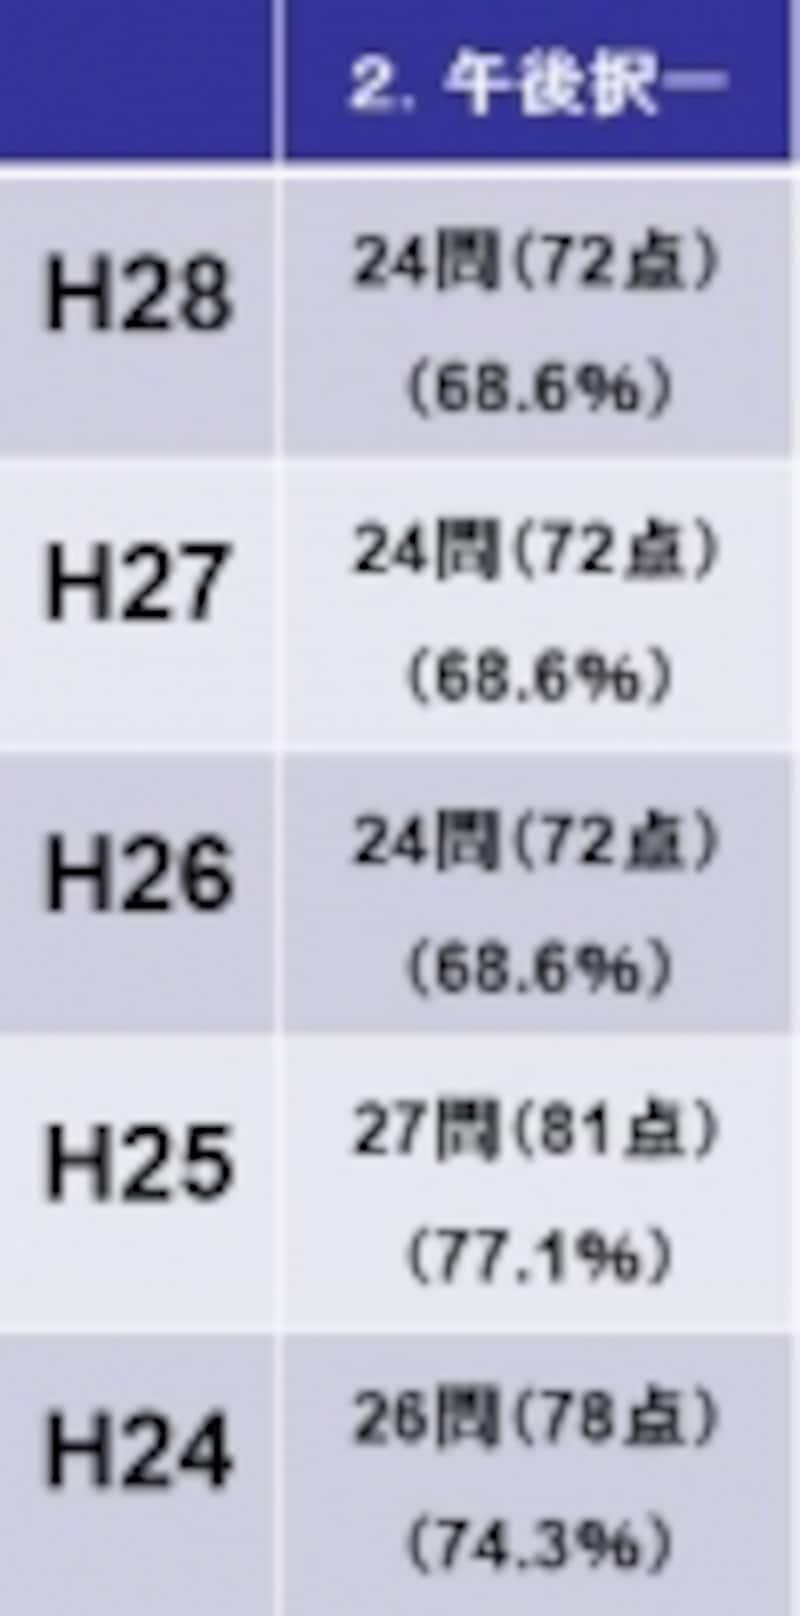 午後択一の基準点(平成28年度~平成24年度)